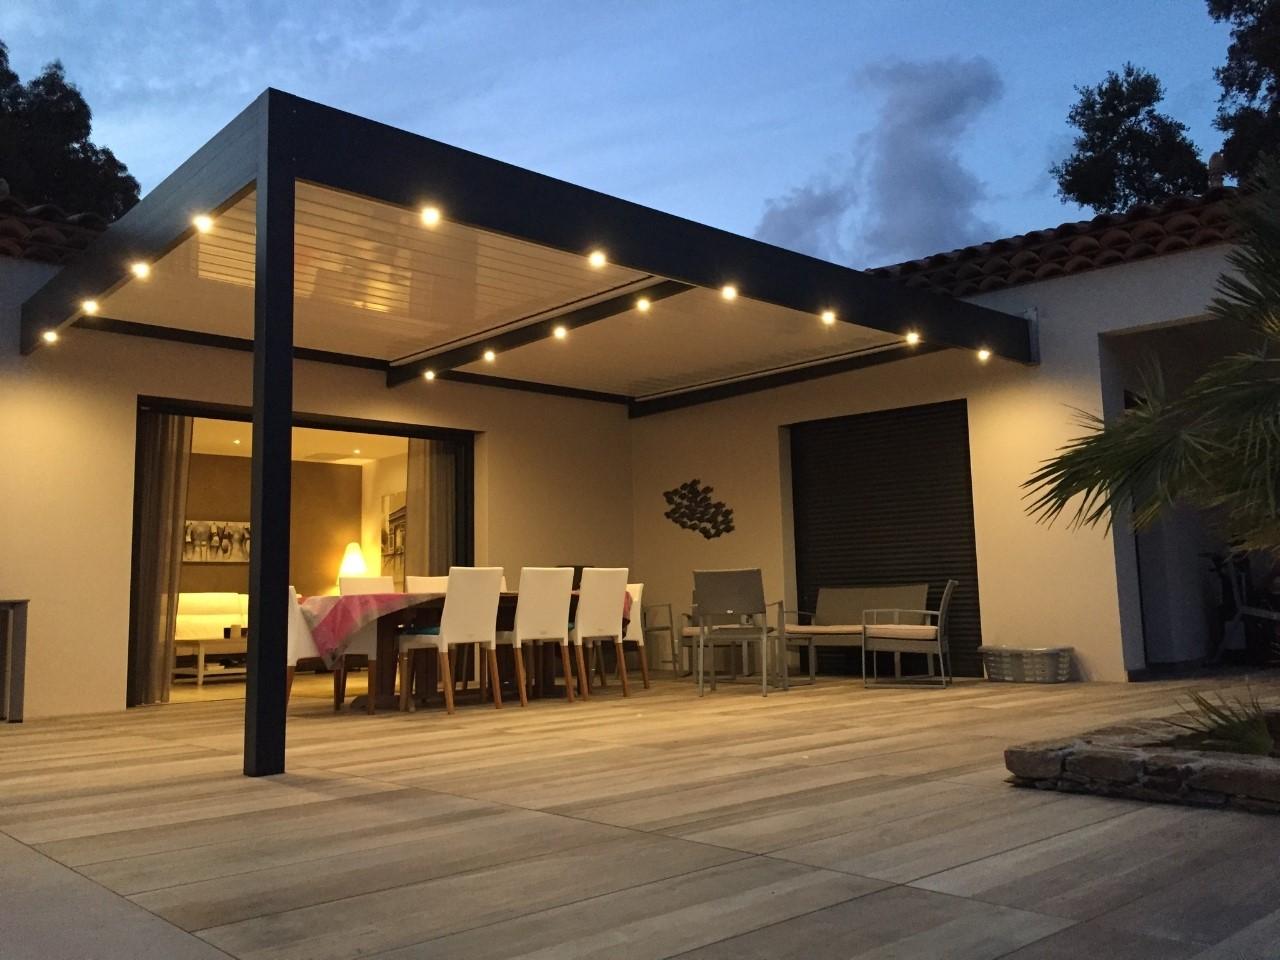 sb design architecte d'interieur, rénovation de vos villas lyon,var